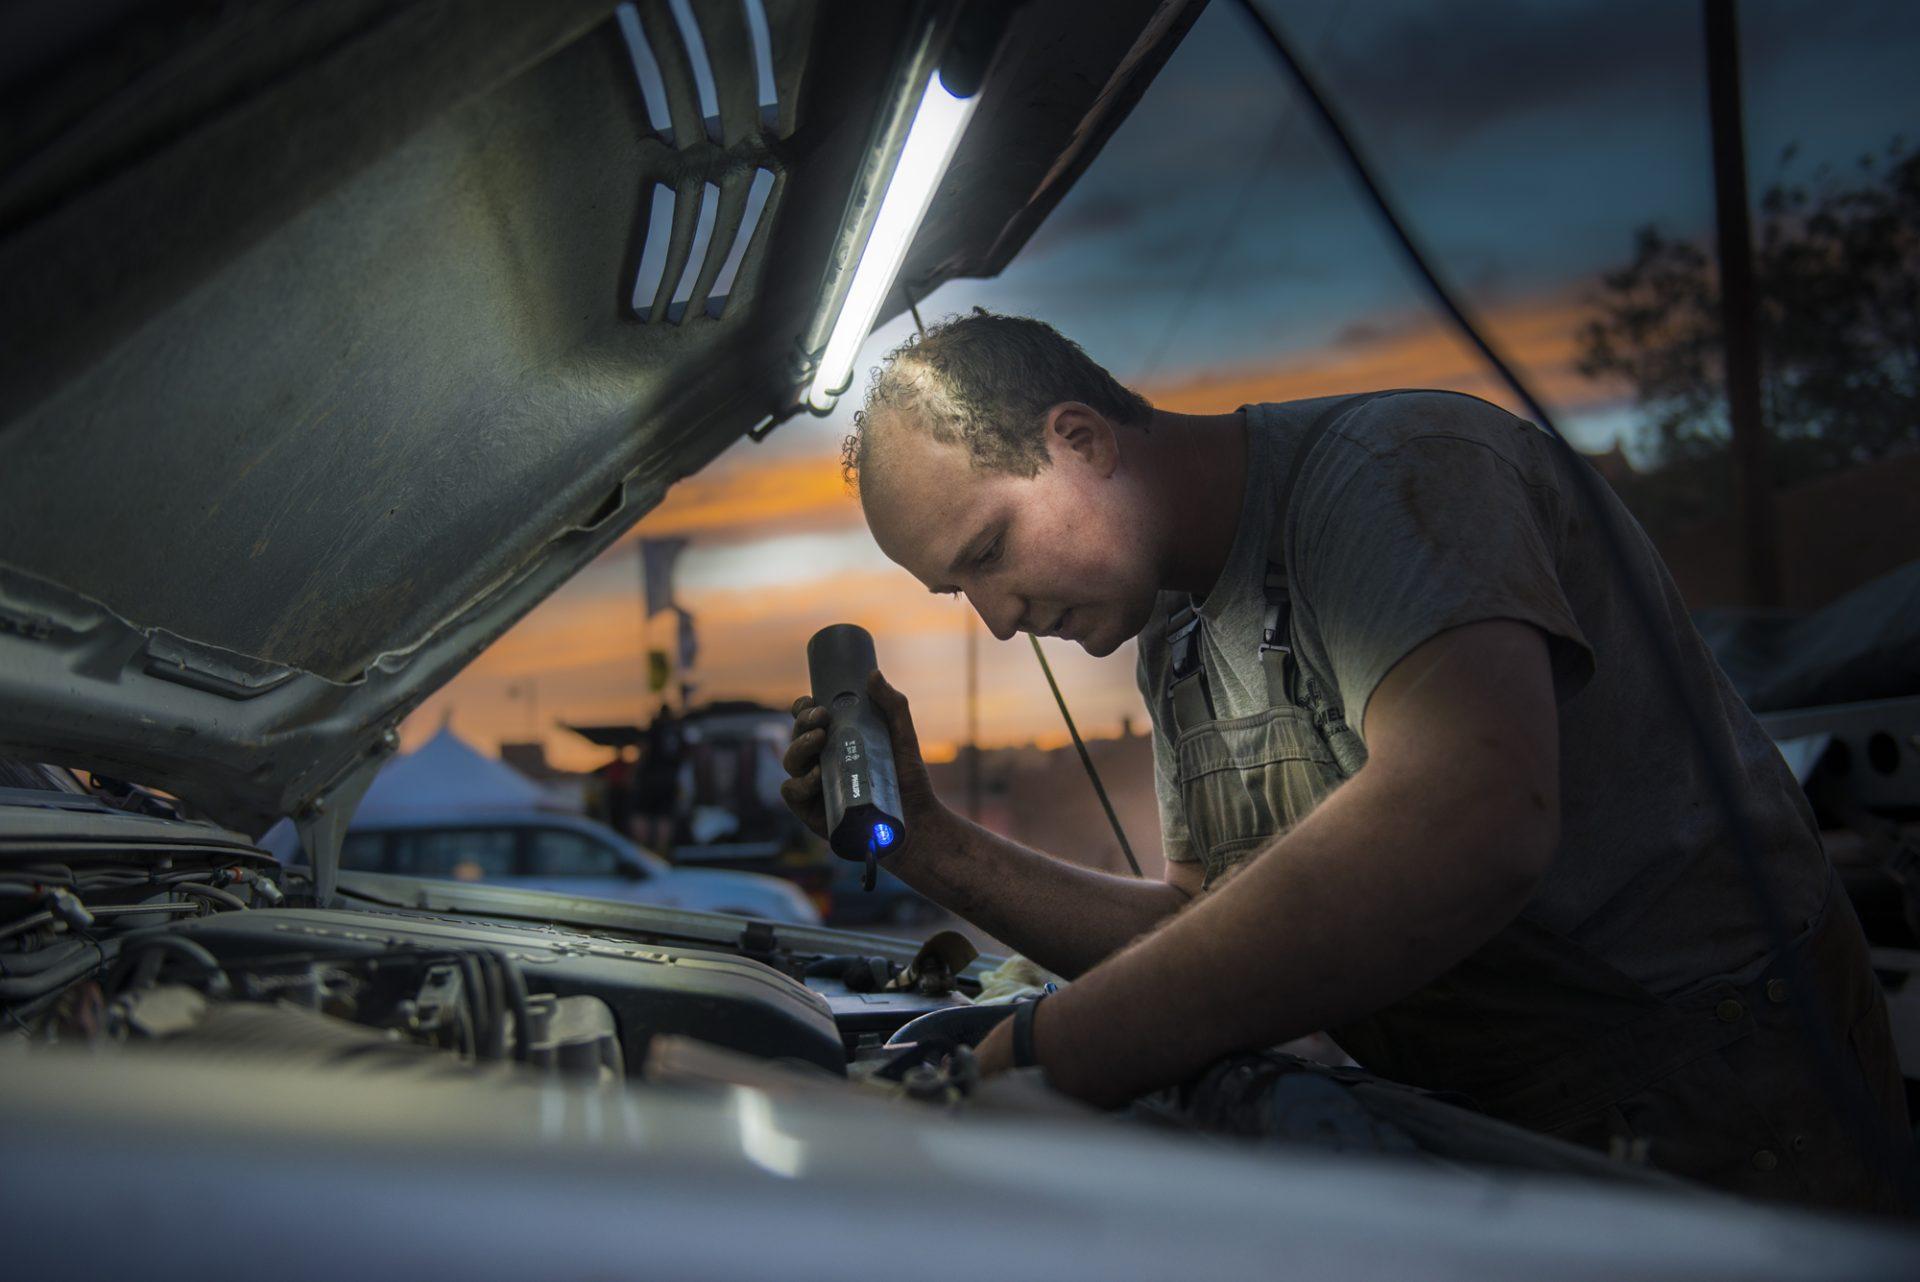 Autowissen: Marder-Bisse in Kabel und Schläuche bleiben oft unentdeckt